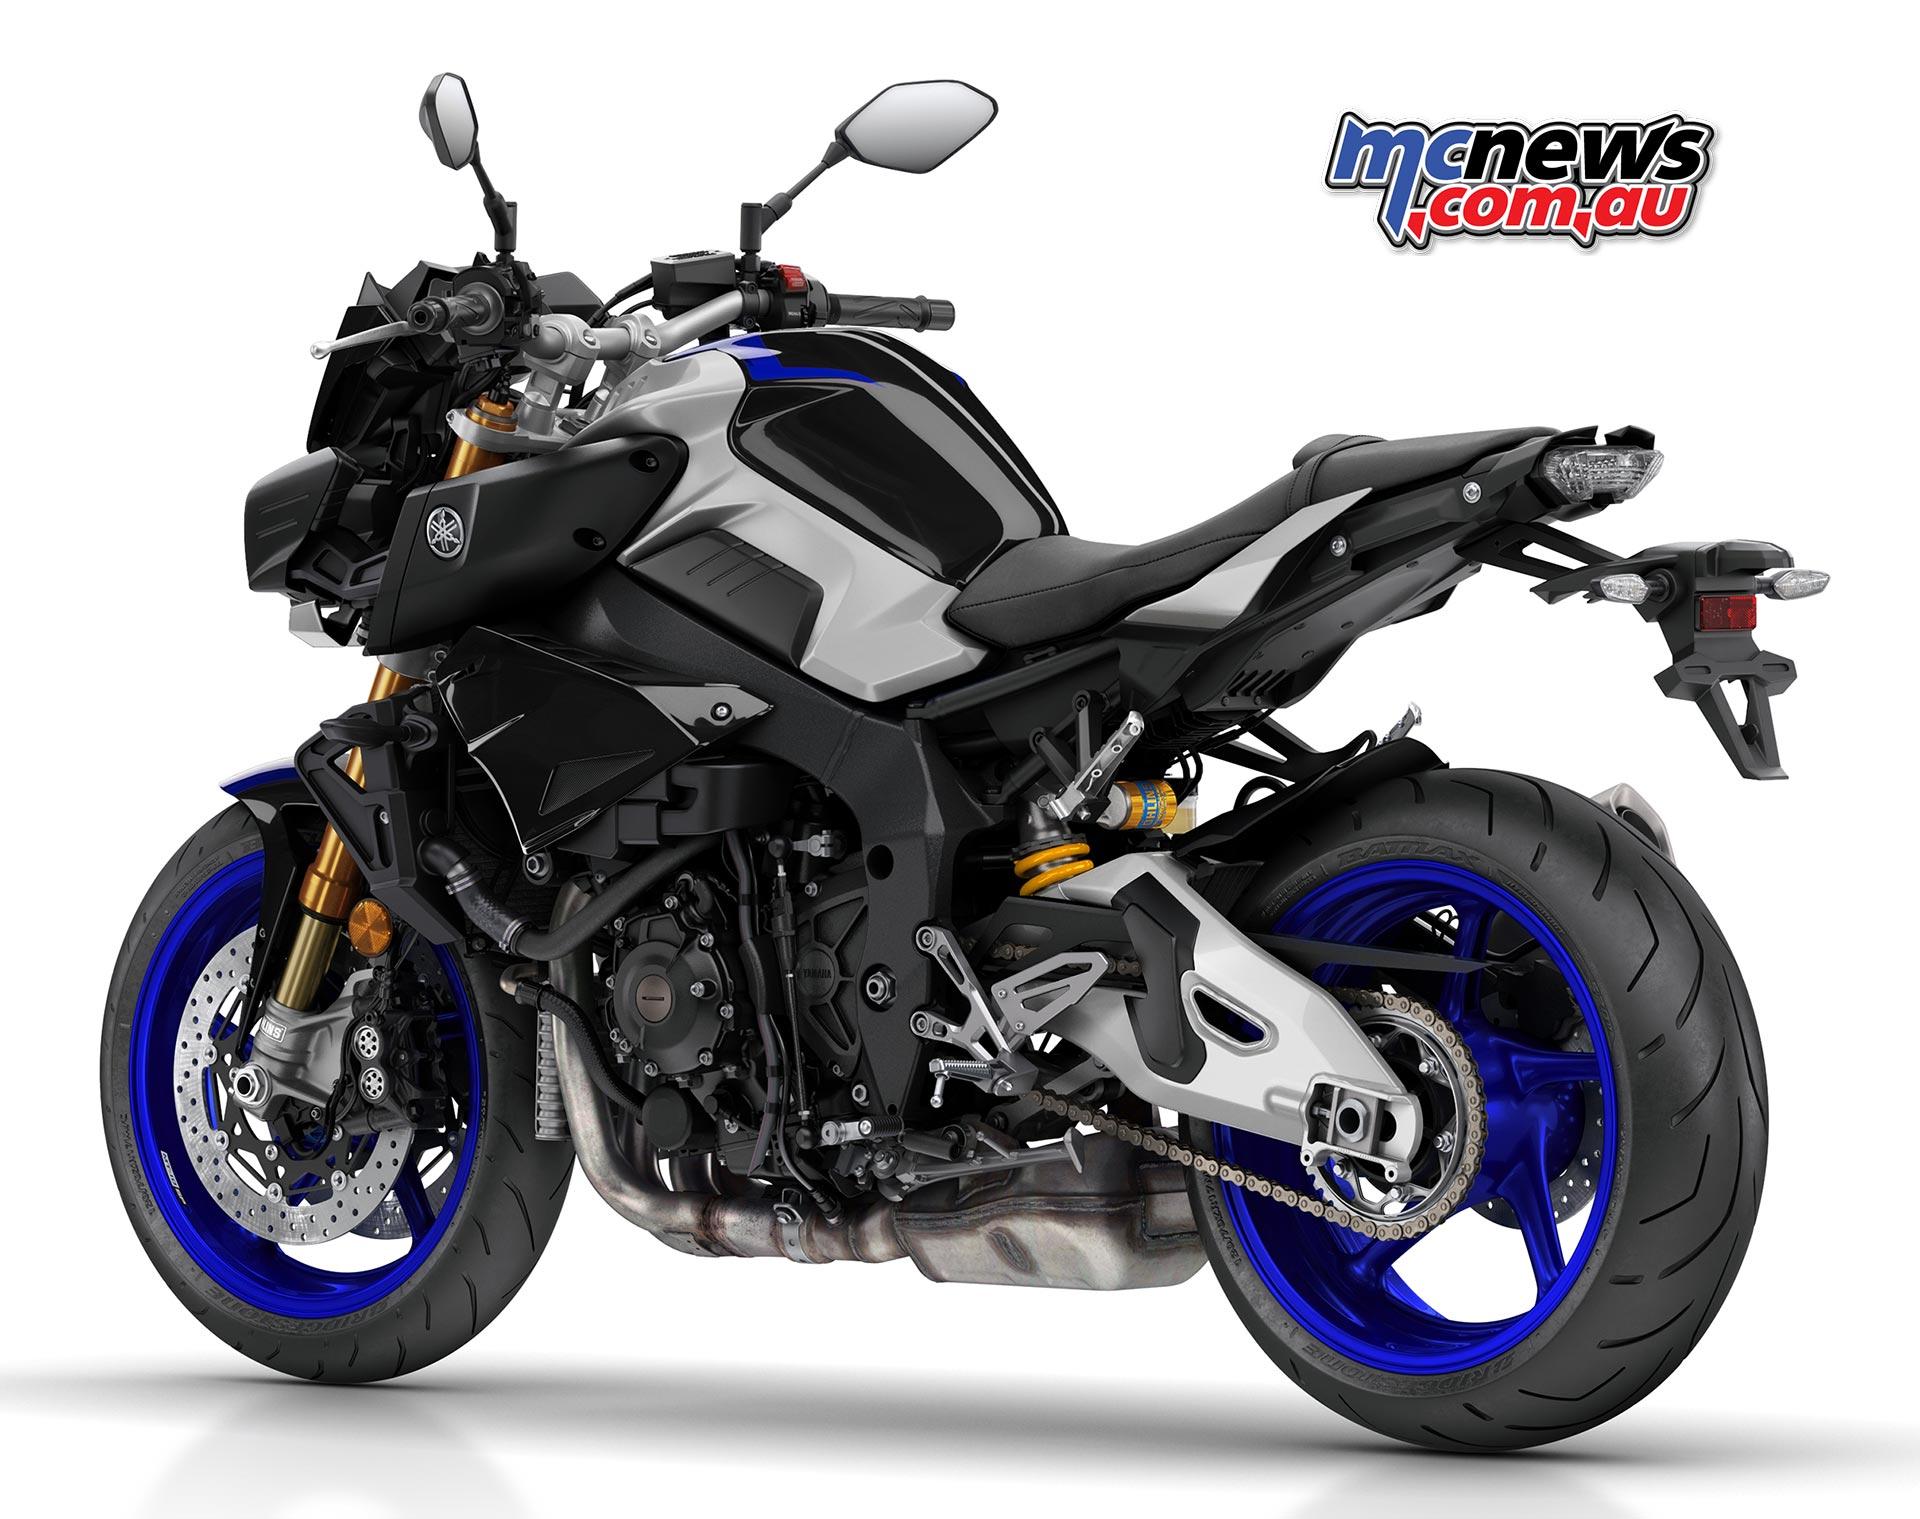 Paint Colours 2017 Yamaha Mt 10 Sp Gets Yzf R1m Supersport Tech Mcnews Com Au